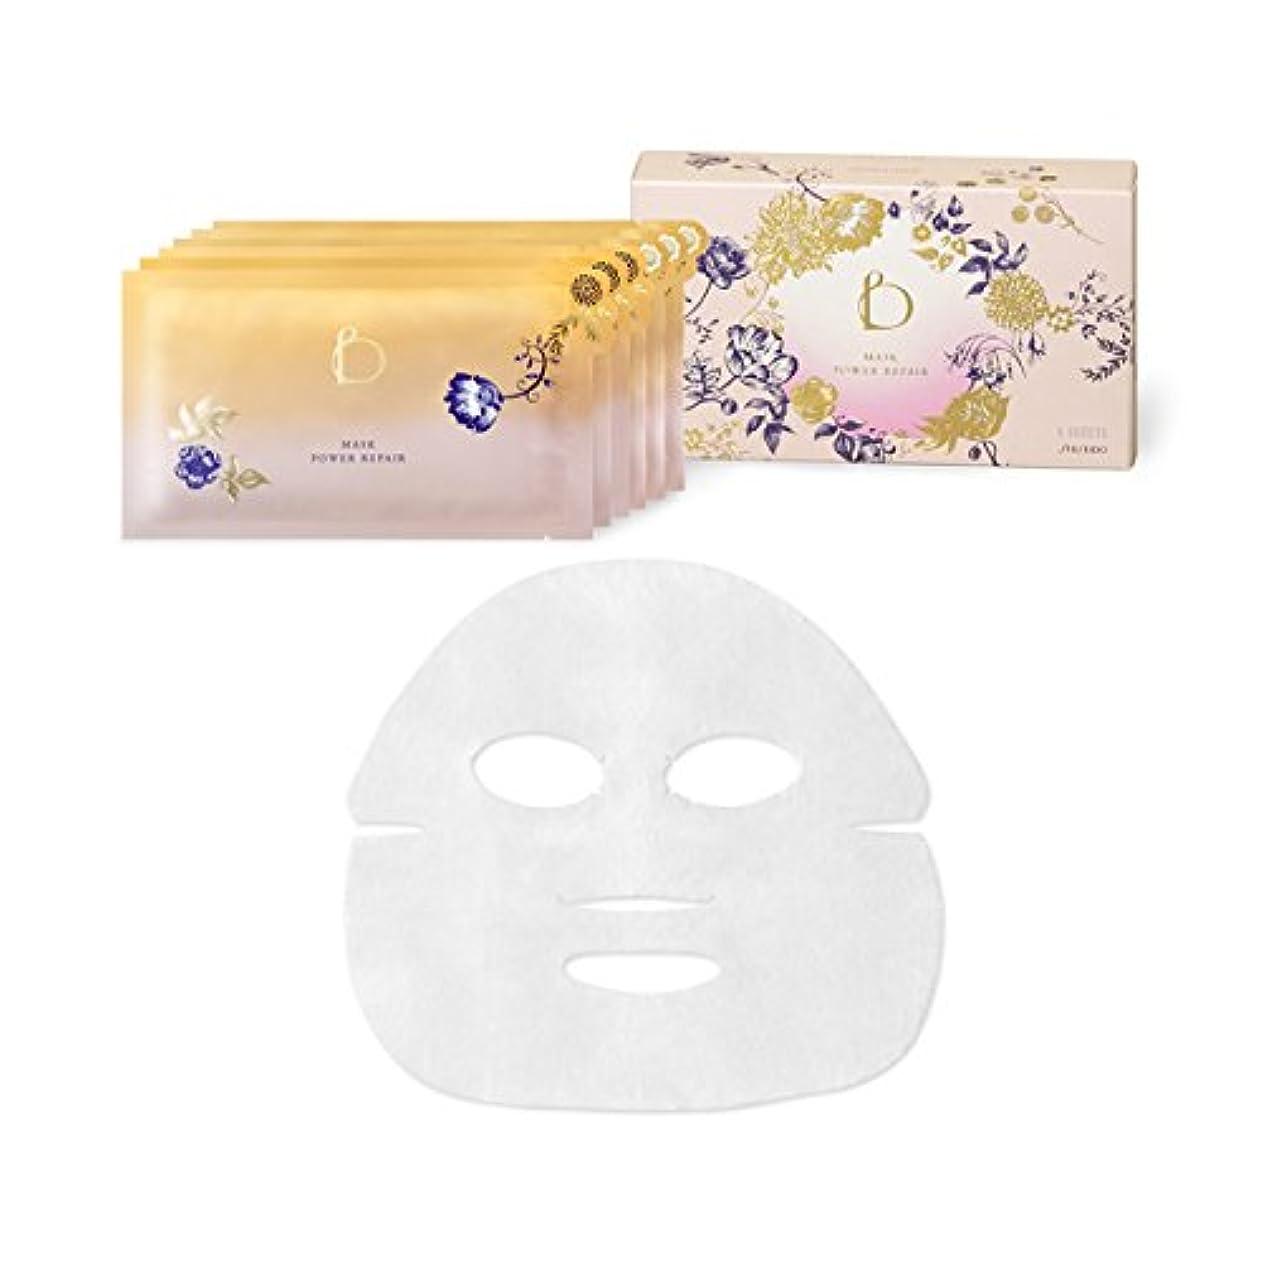 ノート現代の毎日資生堂 ベネフィーク マスク パワーリペア シート状クリームマスク 23mL×6枚入